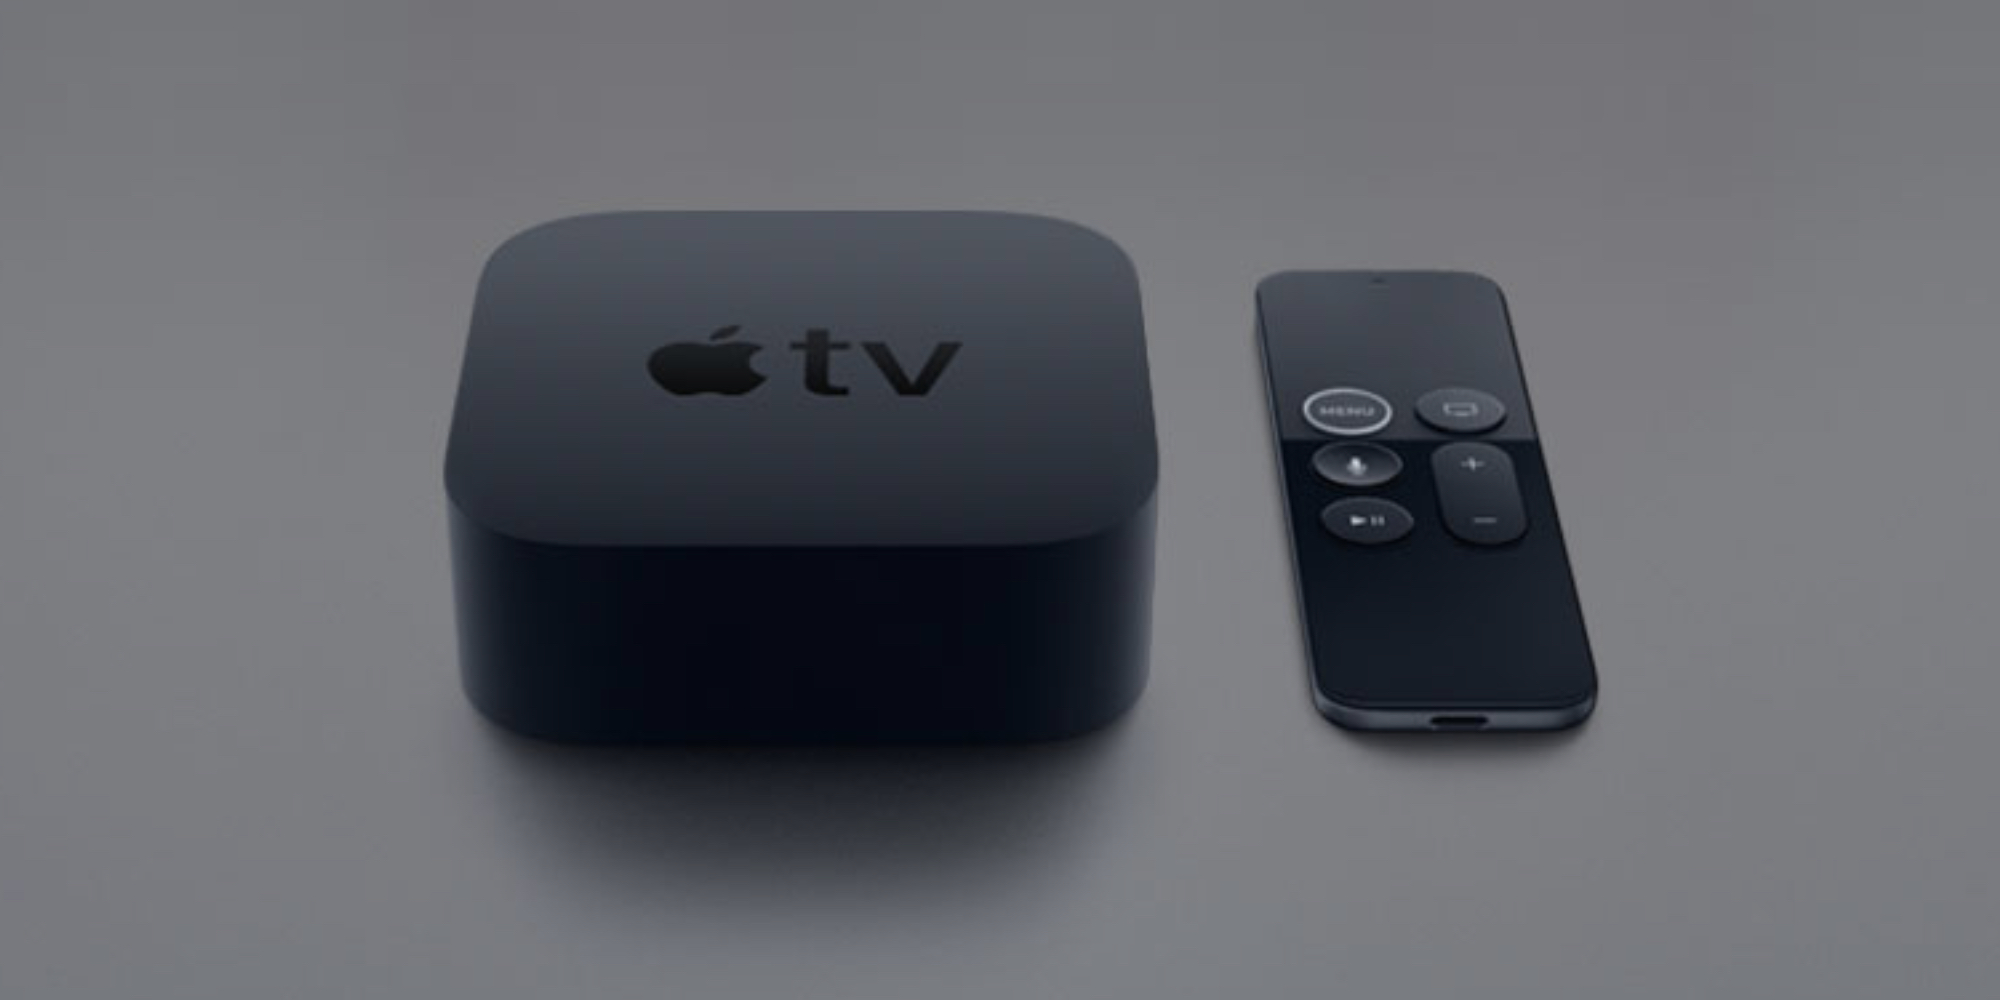 Apple TV третьего поколения больше не позволяет смотреть YouTube напрямую. Это всё ещё можно делать, но через стороннее устройство